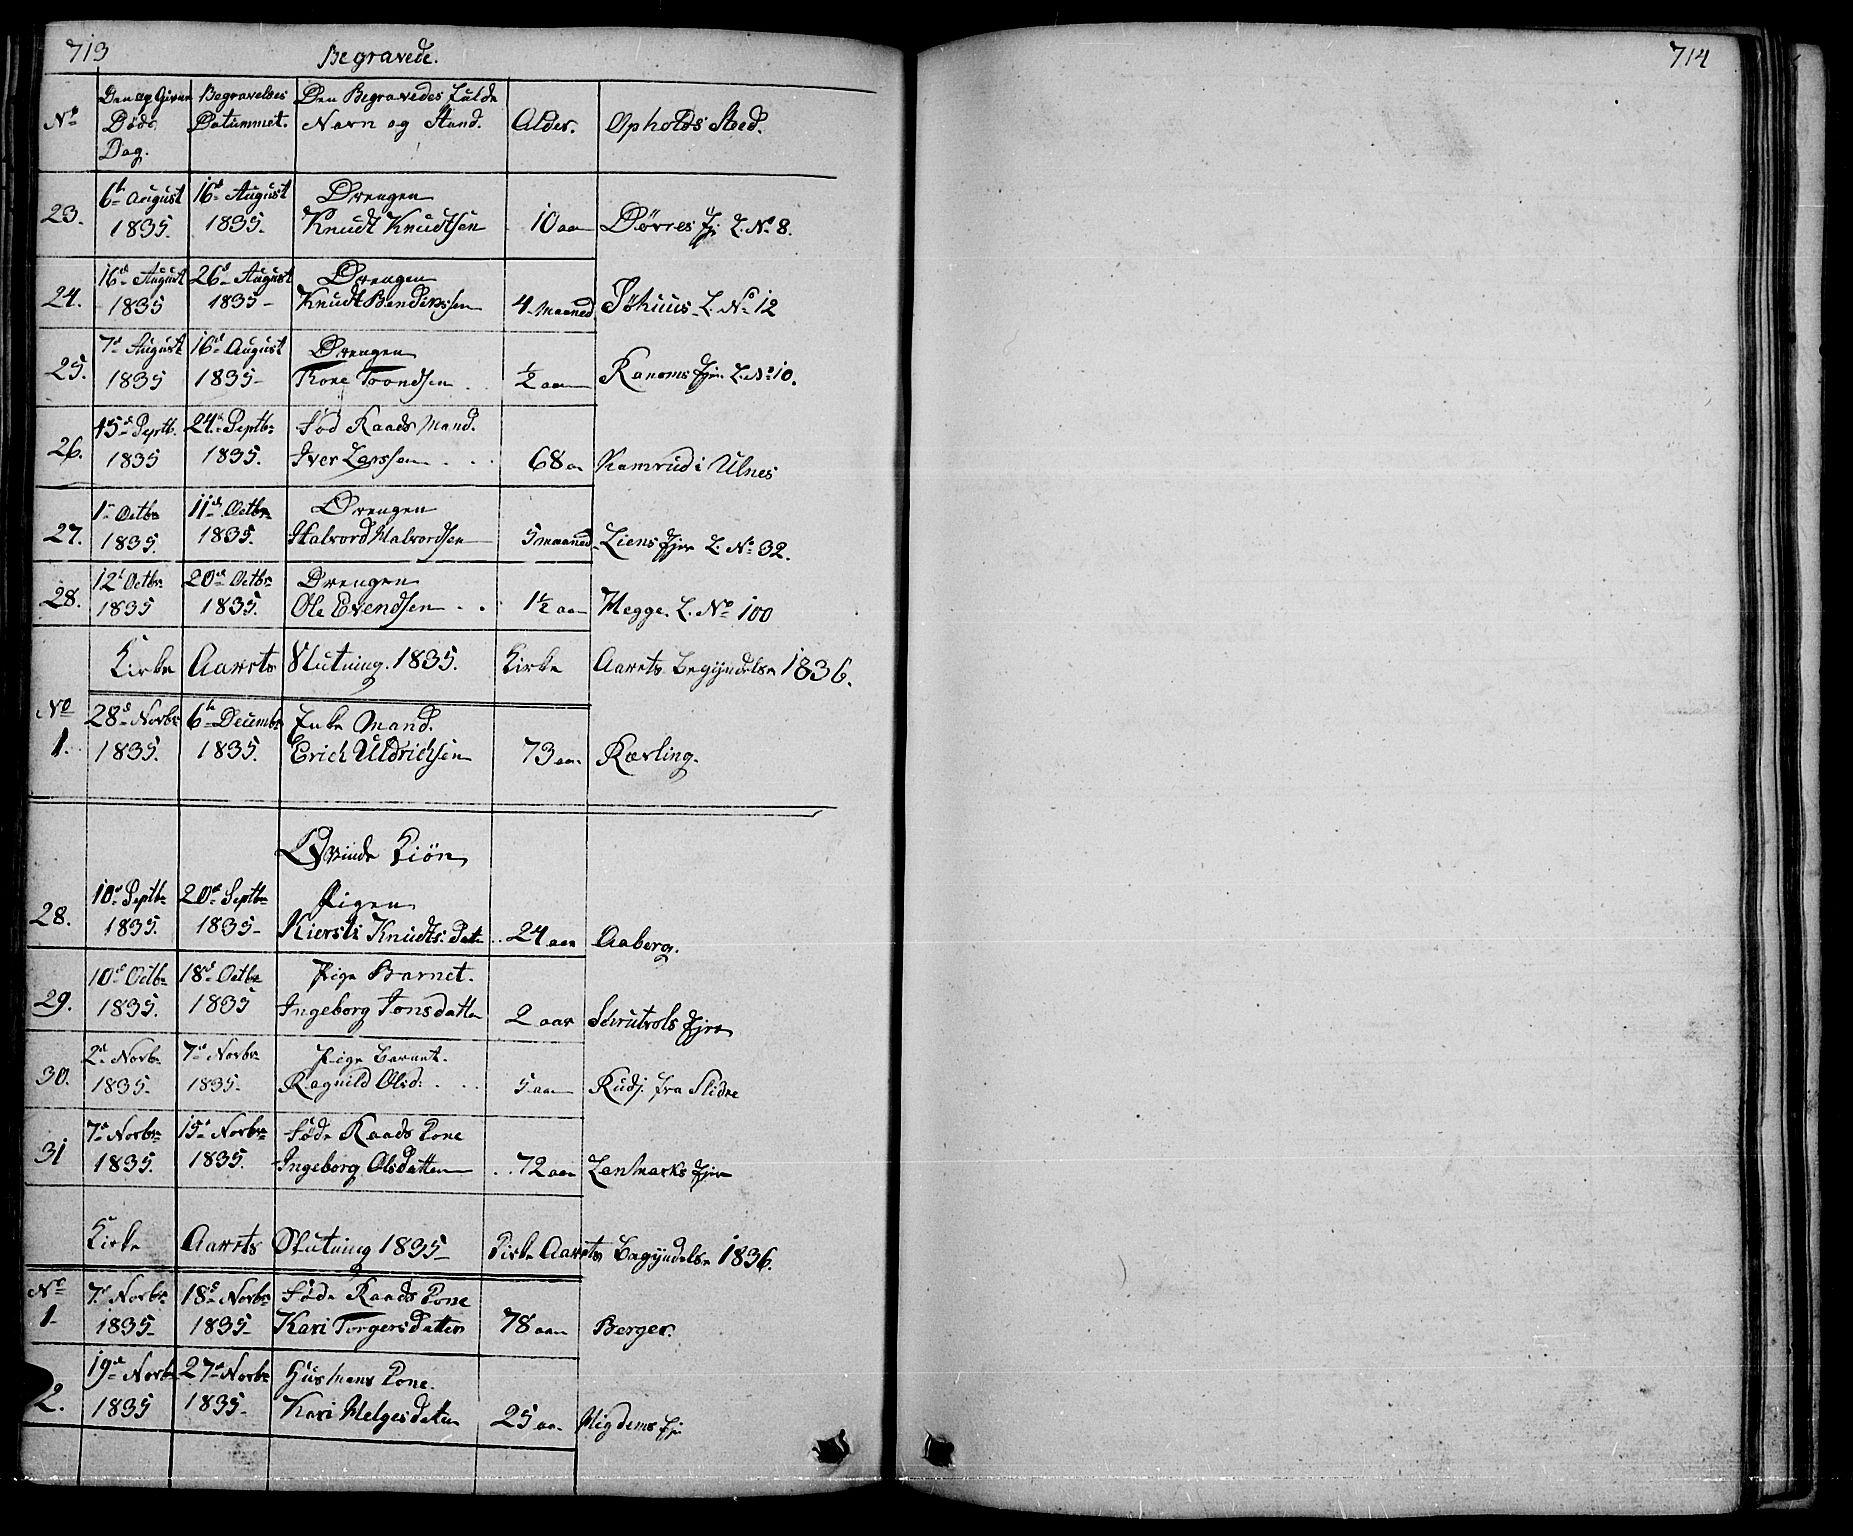 SAH, Nord-Aurdal prestekontor, Klokkerbok nr. 1, 1834-1887, s. 713-714